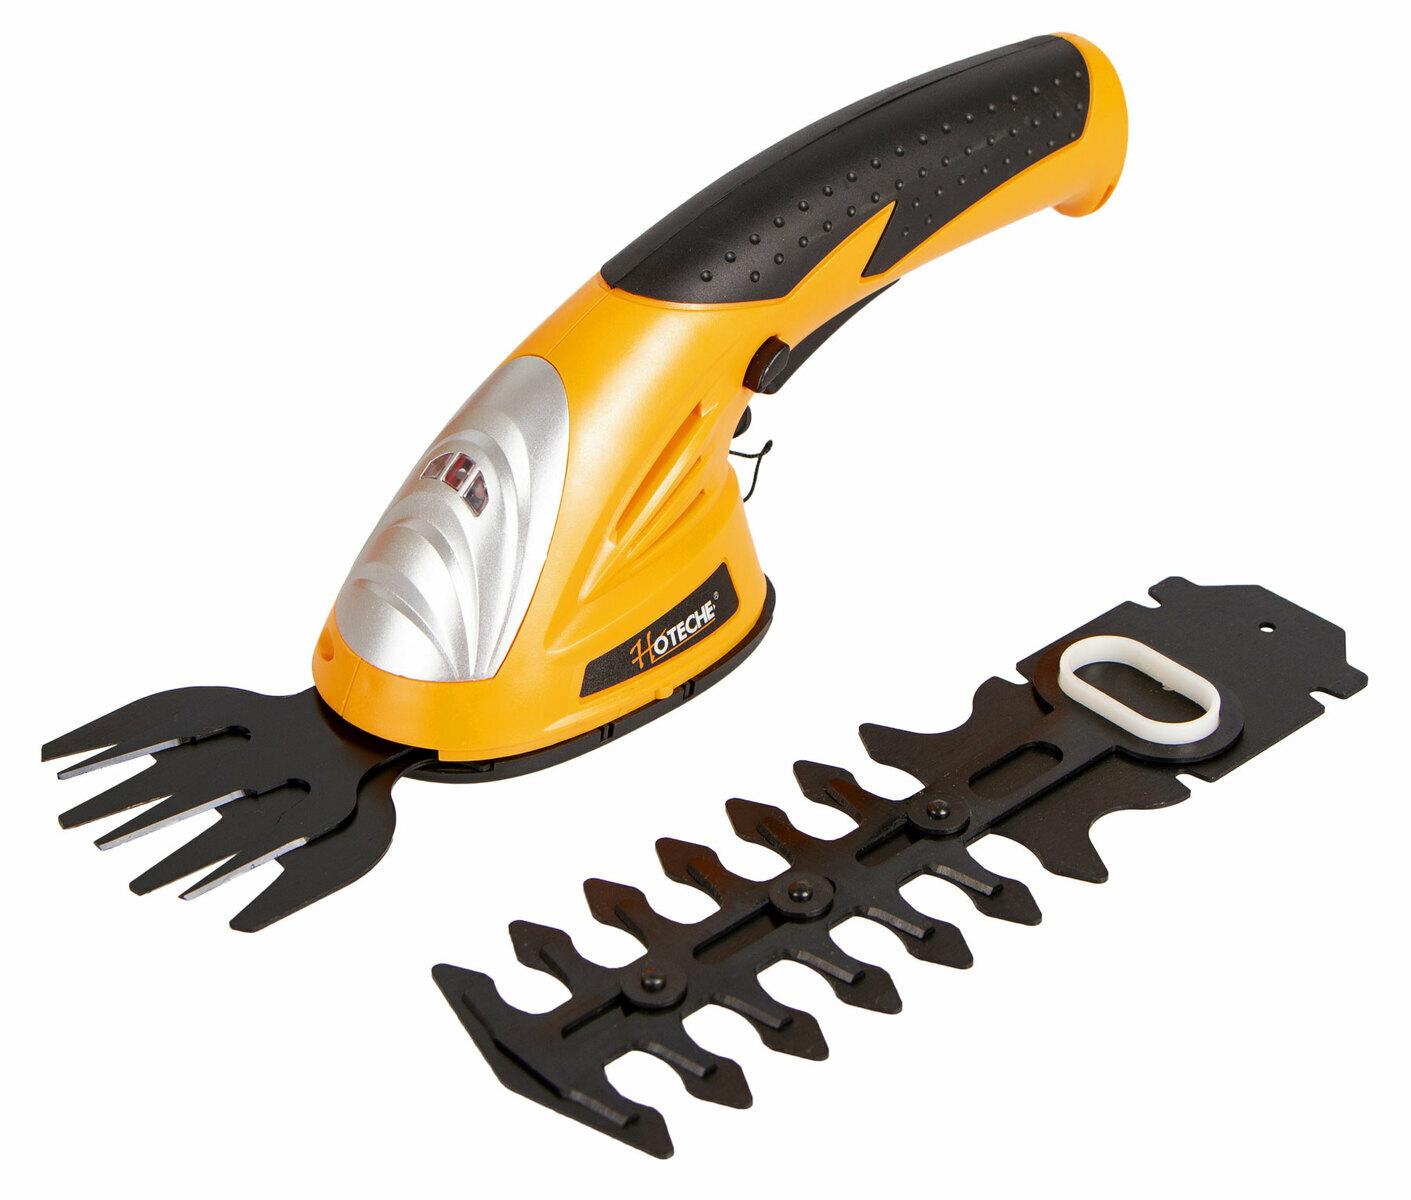 AKU nůžky na živý plot 7,2 V, s baterií a nabíječkou - HOTECHE